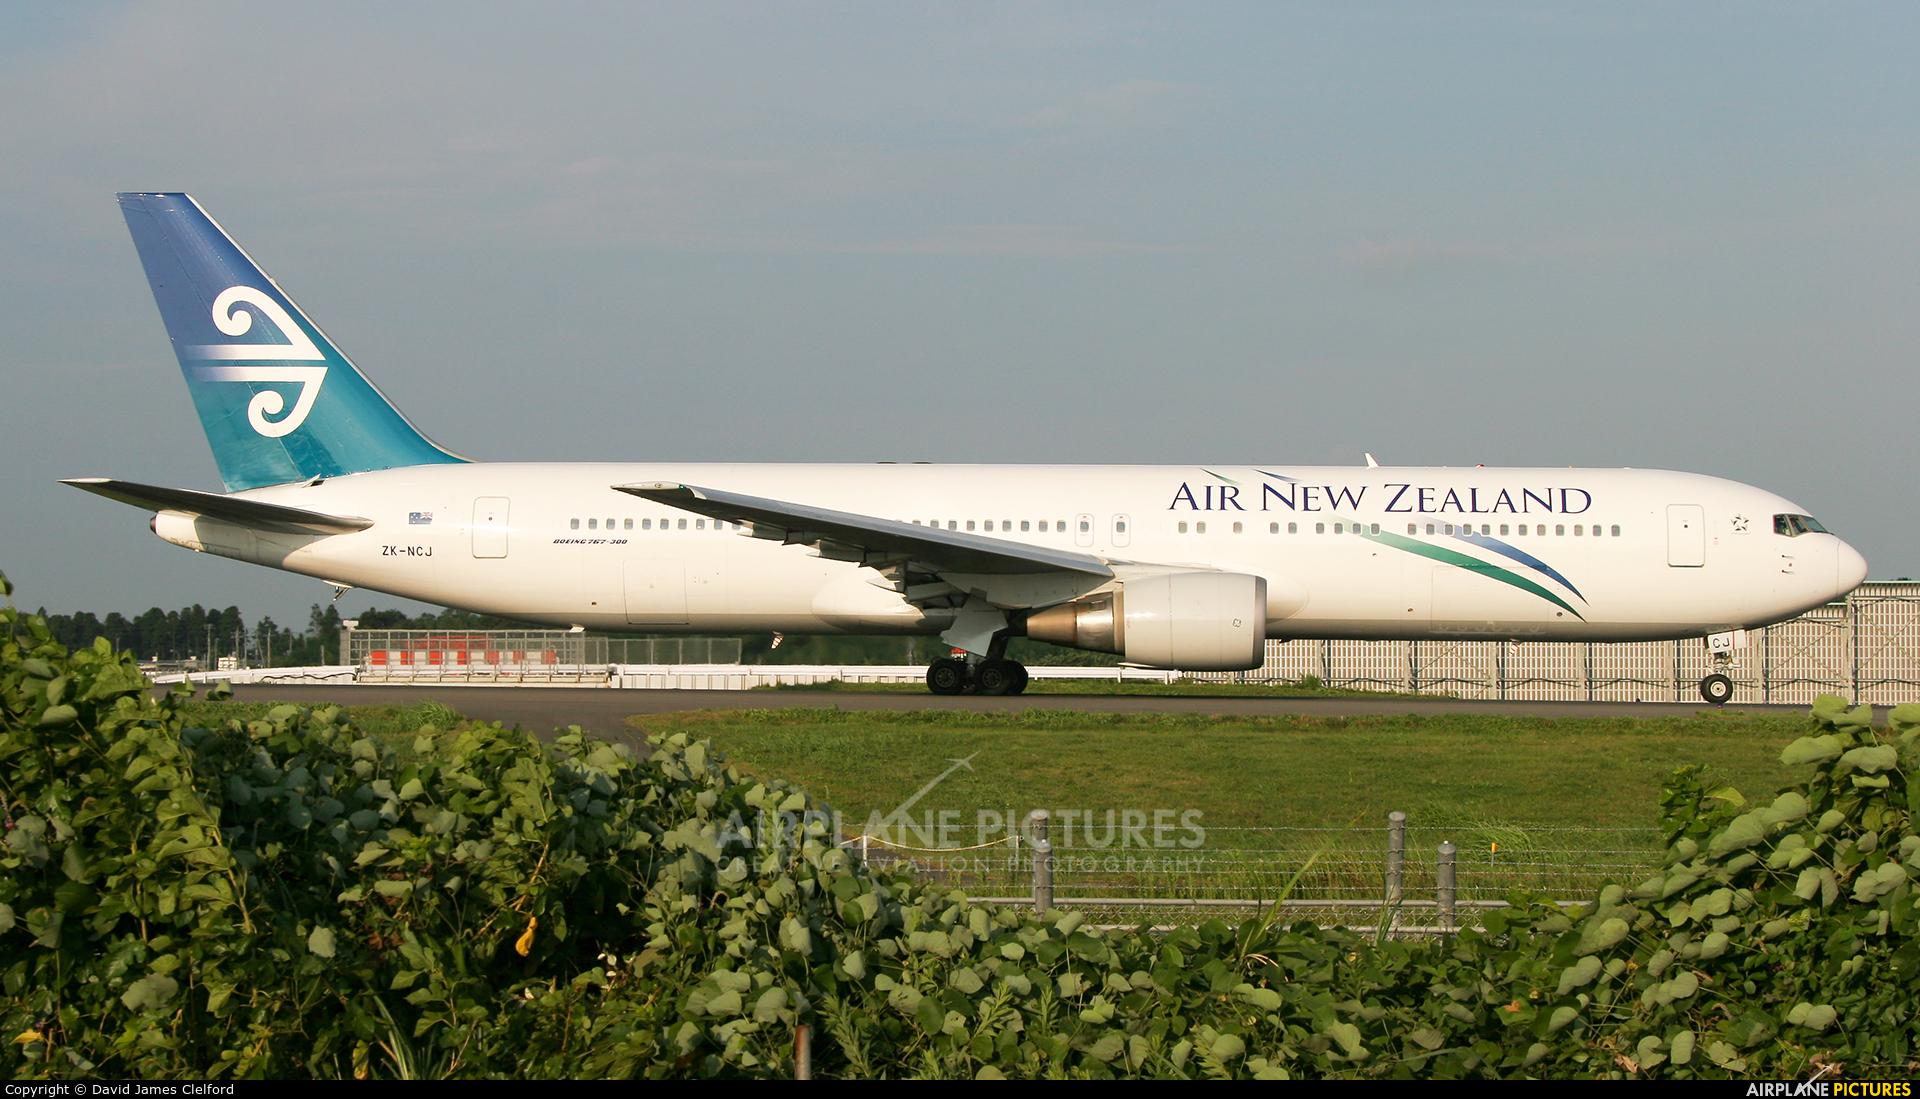 Air New Zealand ZK-NCJ aircraft at Tokyo - Narita Intl